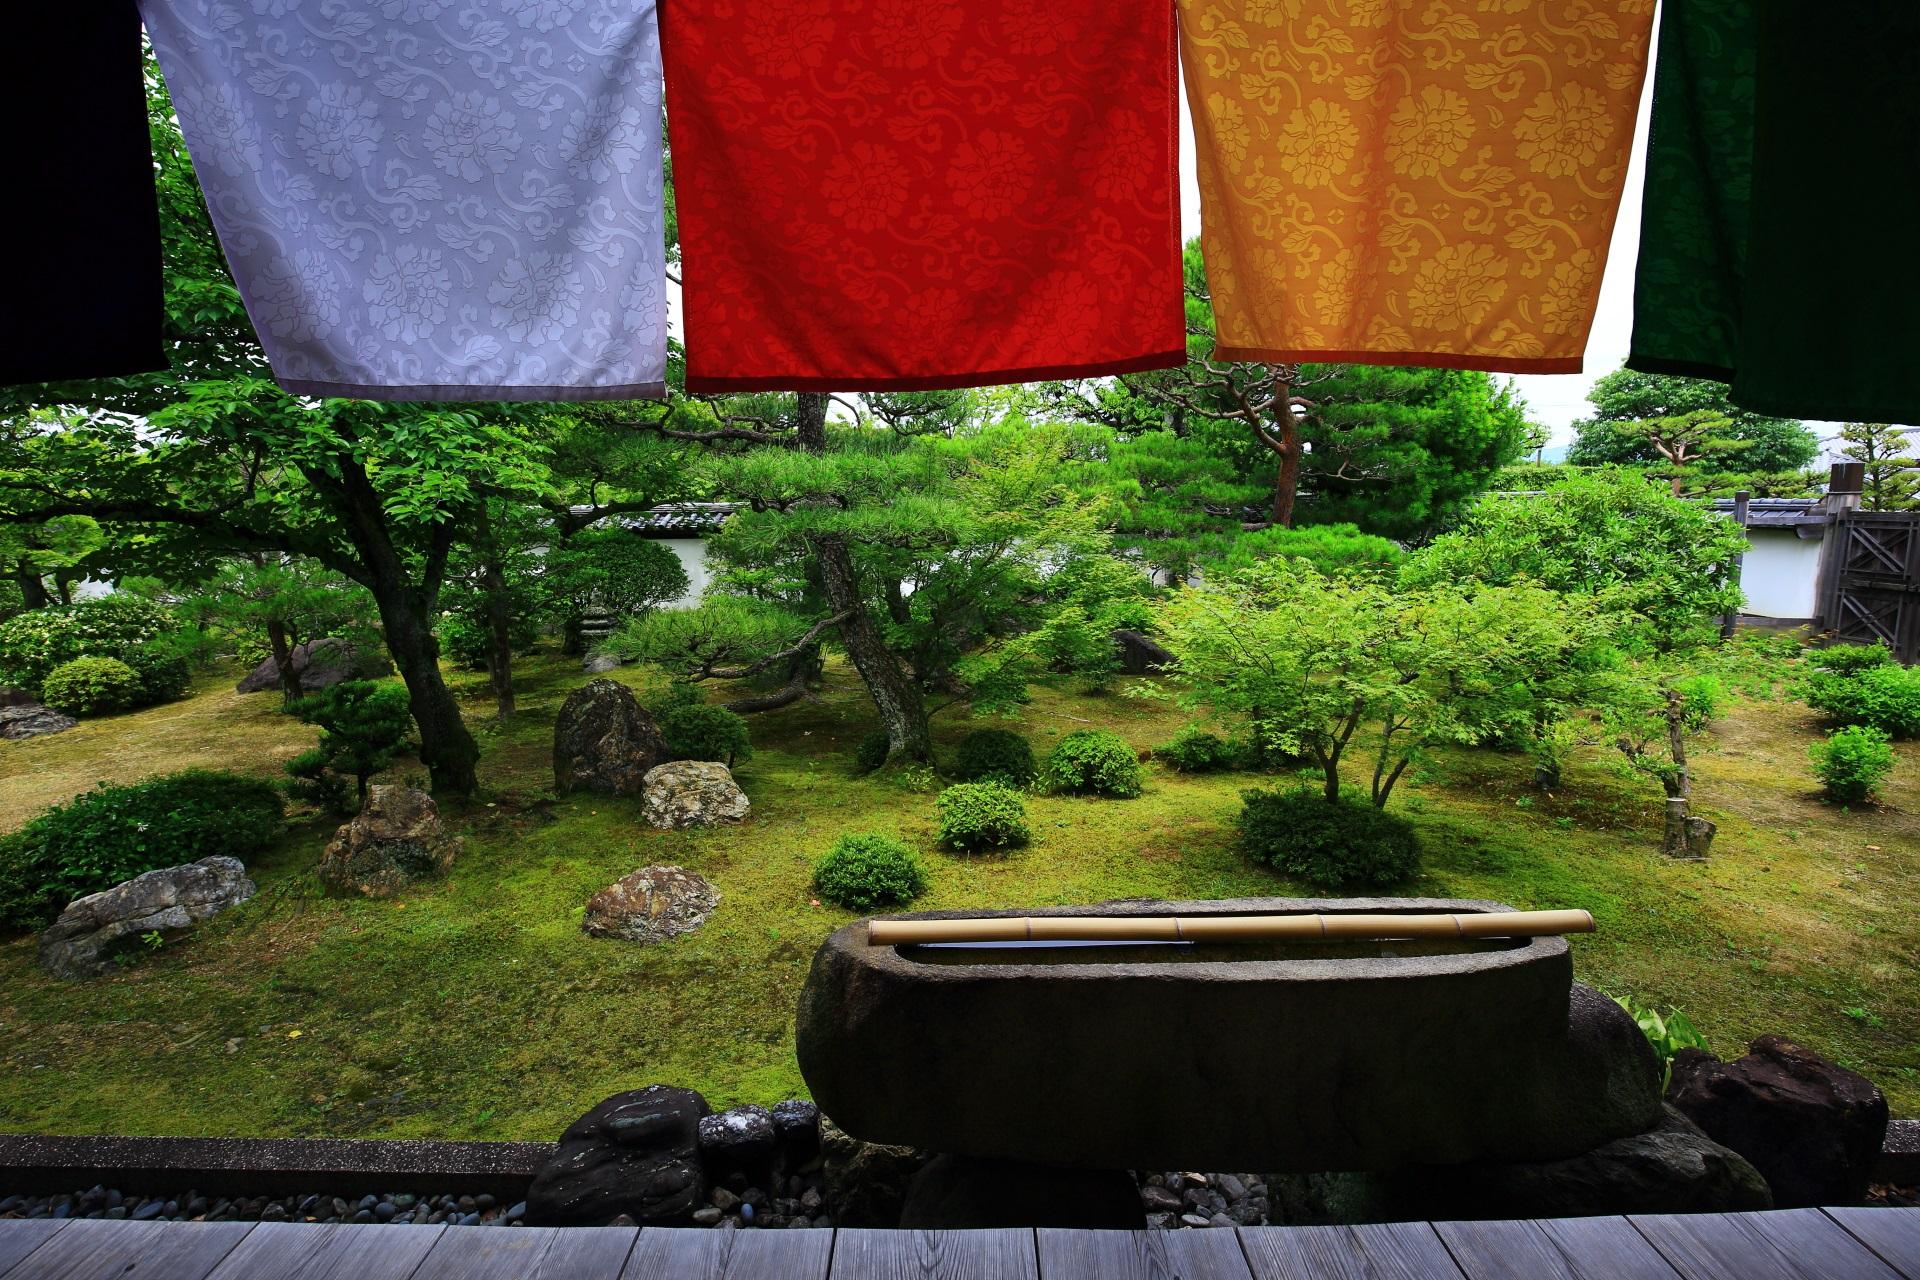 鮮やかな緑につつまれた講堂の庭園と手水鉢